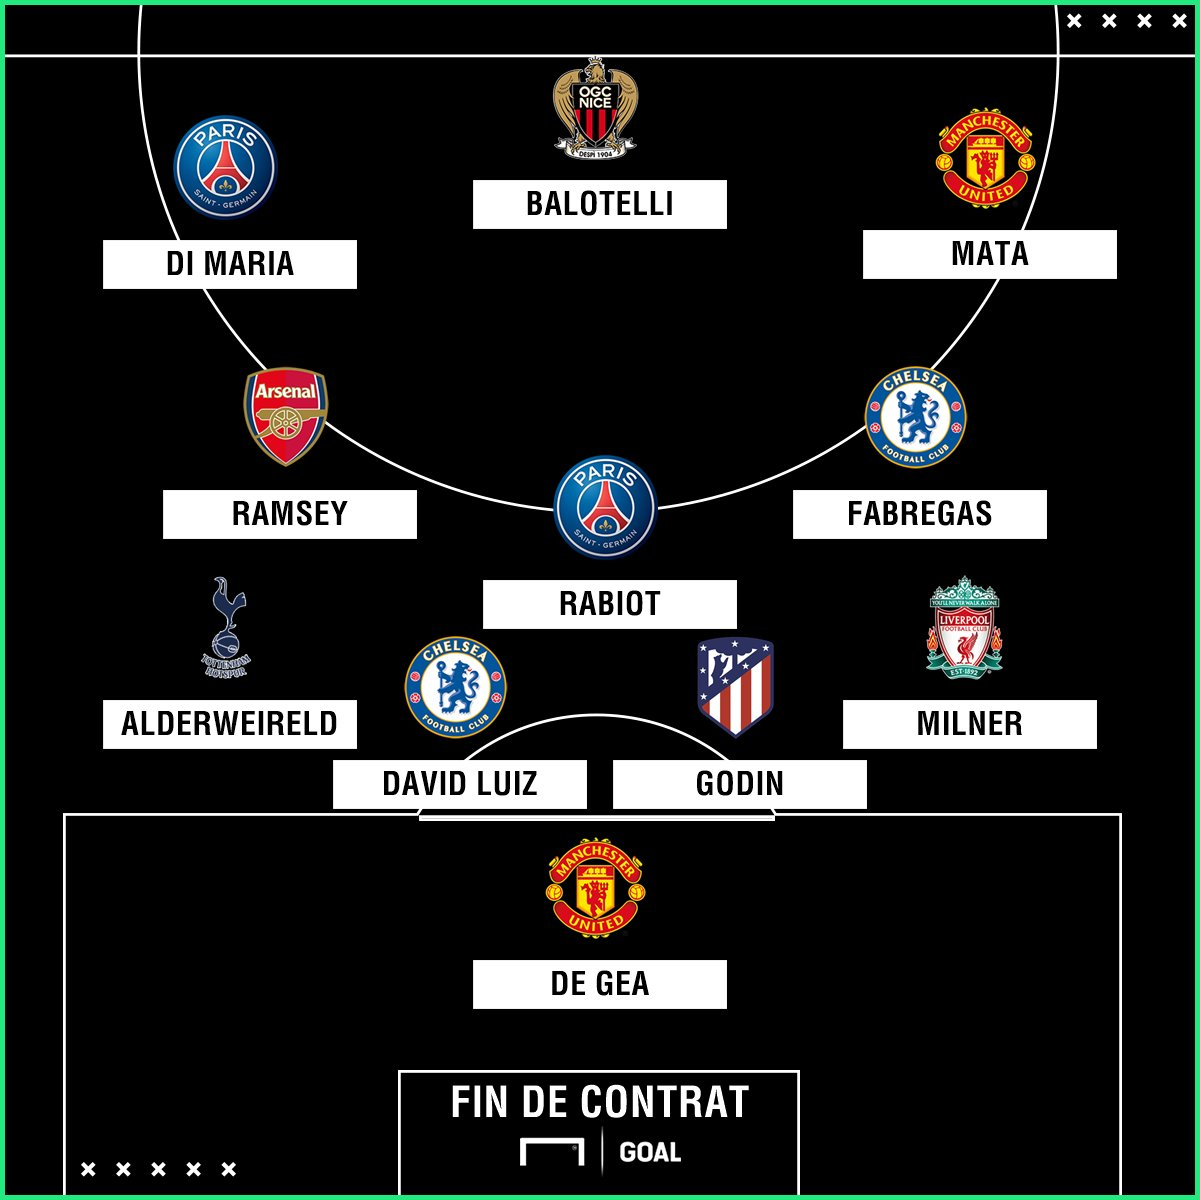 David De Gea, Adrien Rabiot, Diego Godin... La liste des joueurs en fin de contrat en juin prochain est assez impressionnante. Plusieurs bonnes affaires sont à saisir dès le 1er janvier 2019 👇 goal.com/fr/news/mercat…